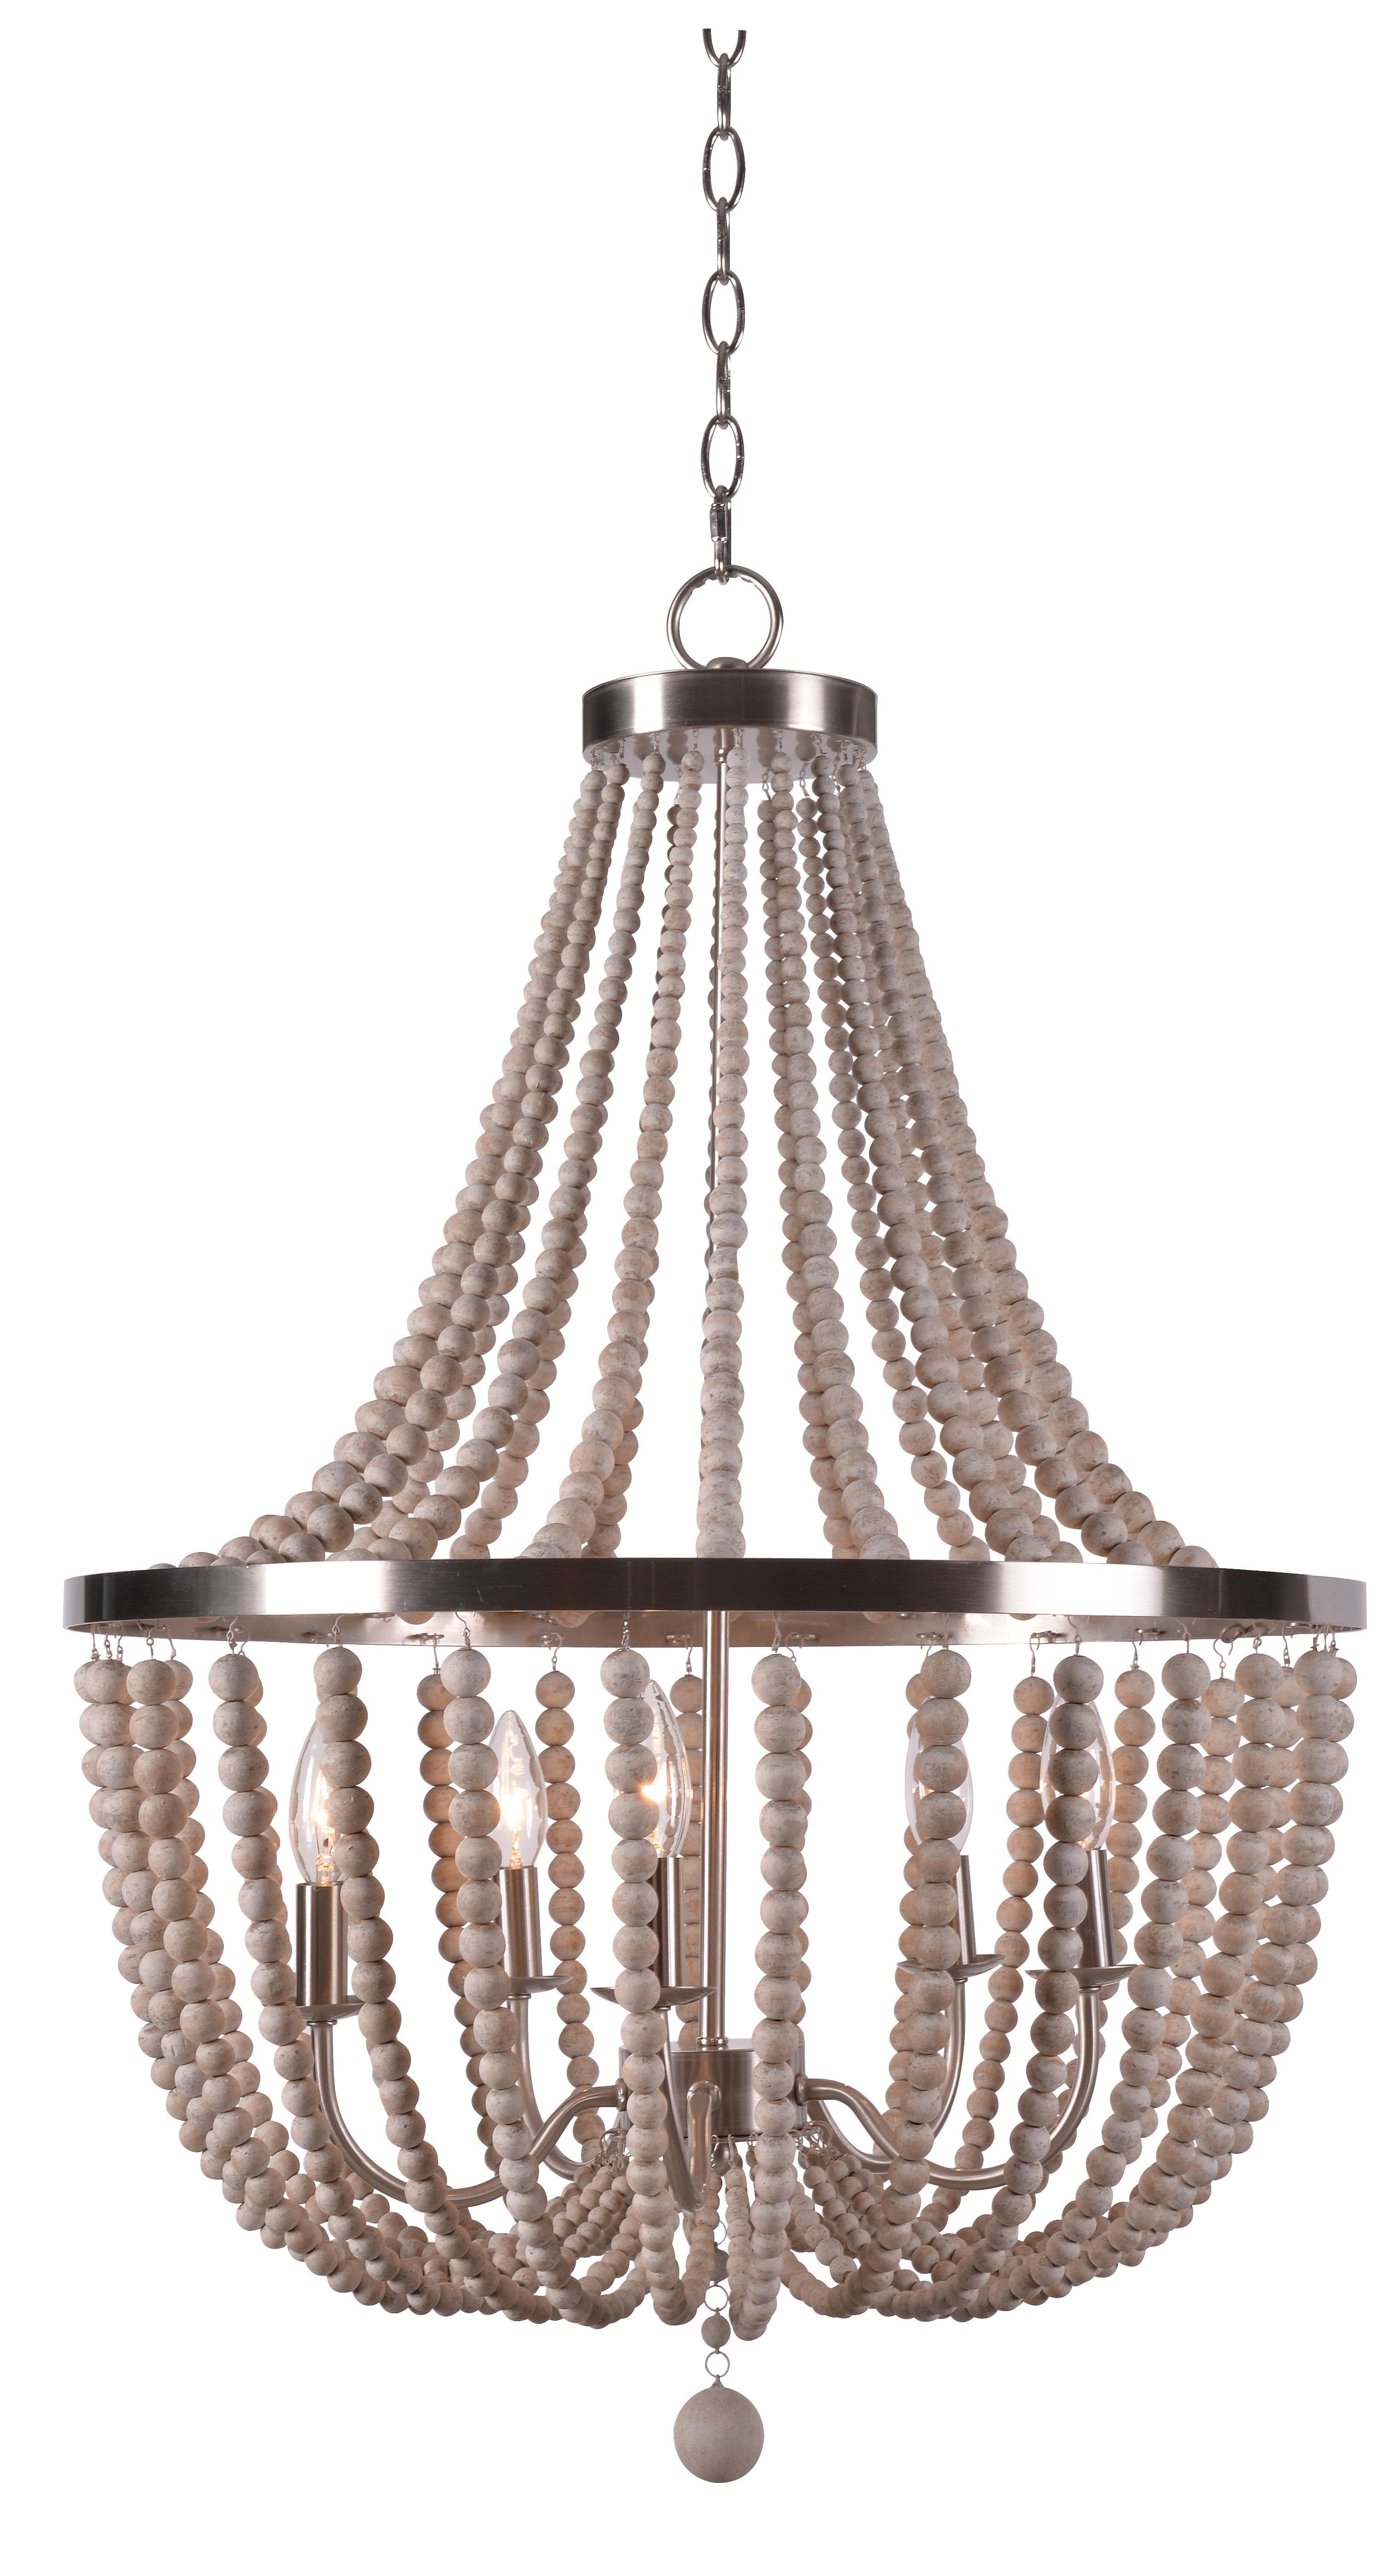 Tilden Wood Bead 5 Light Empire Chandelier For Duron 5 Light Empire Chandeliers (View 3 of 30)